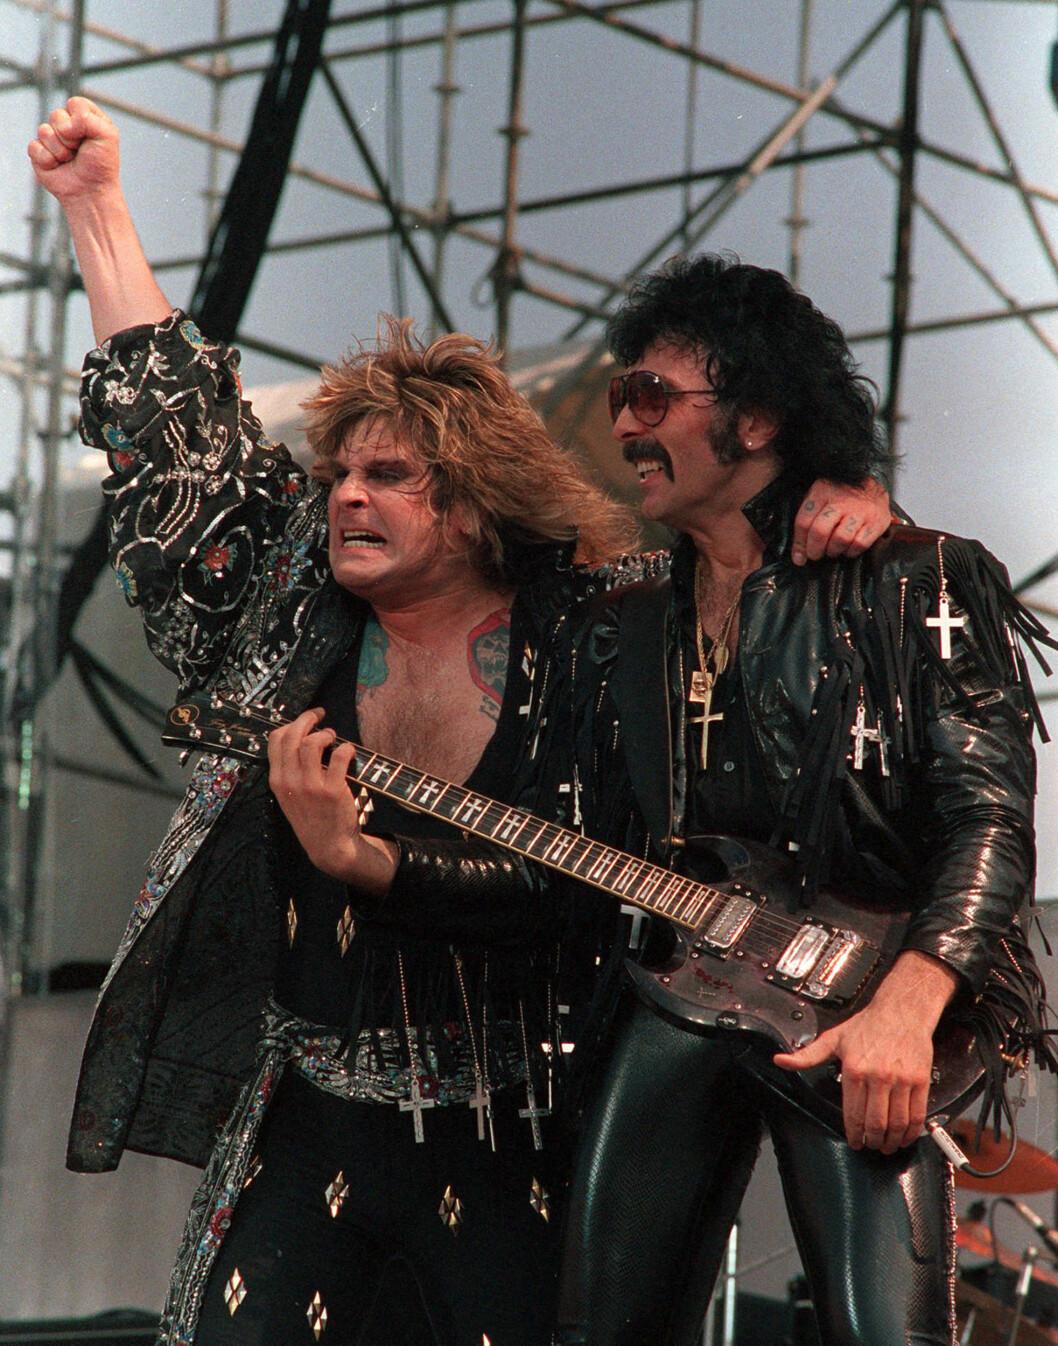 <strong>VILLSTYRING:</strong> Ozzy Osbourne er kjent for å være relativt grenseløs både på scenen og ellers, særlig i forhold til rusmidler. Her er han og Black Sabbath-gitarist Tony Iommi på scenen under Live Aid i Philadelphia i juli 1985. Foto: Ap